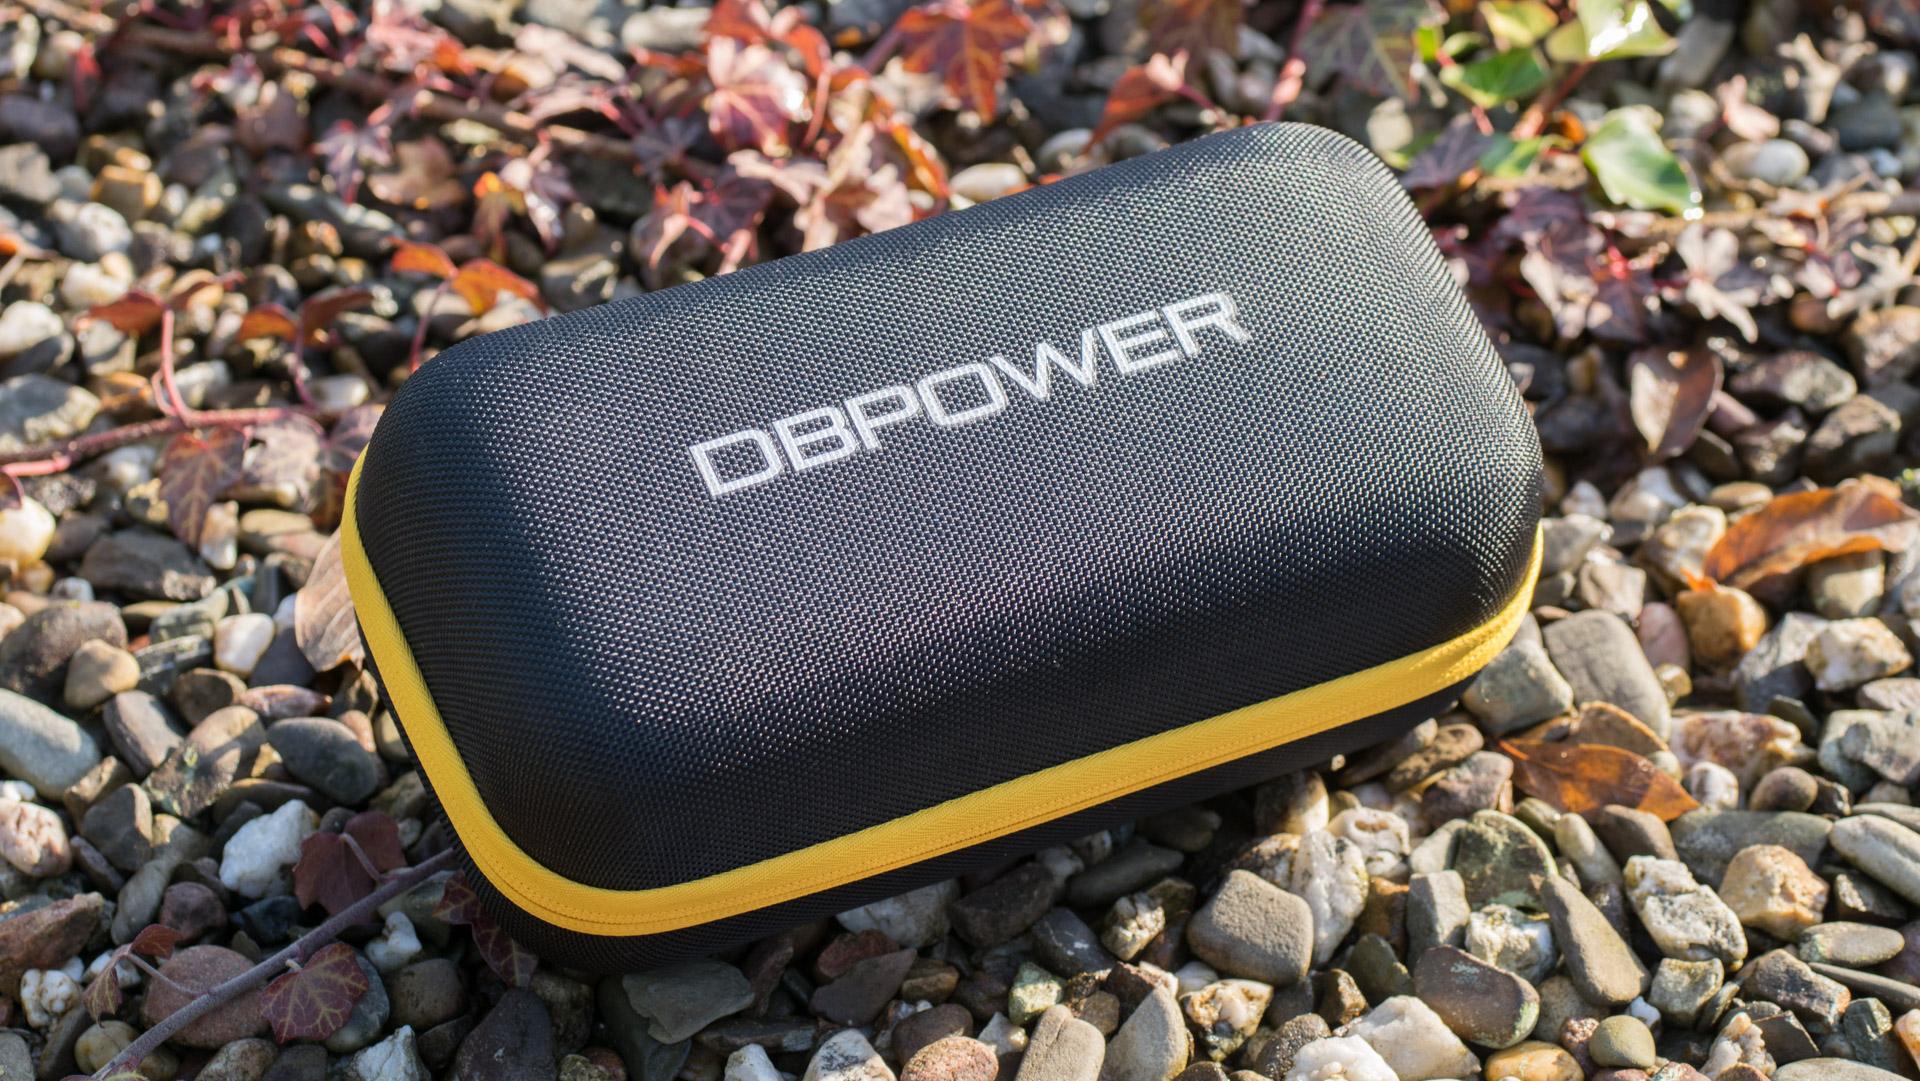 die dbpower 18000mah starthilfe powerbank im test techtest. Black Bedroom Furniture Sets. Home Design Ideas